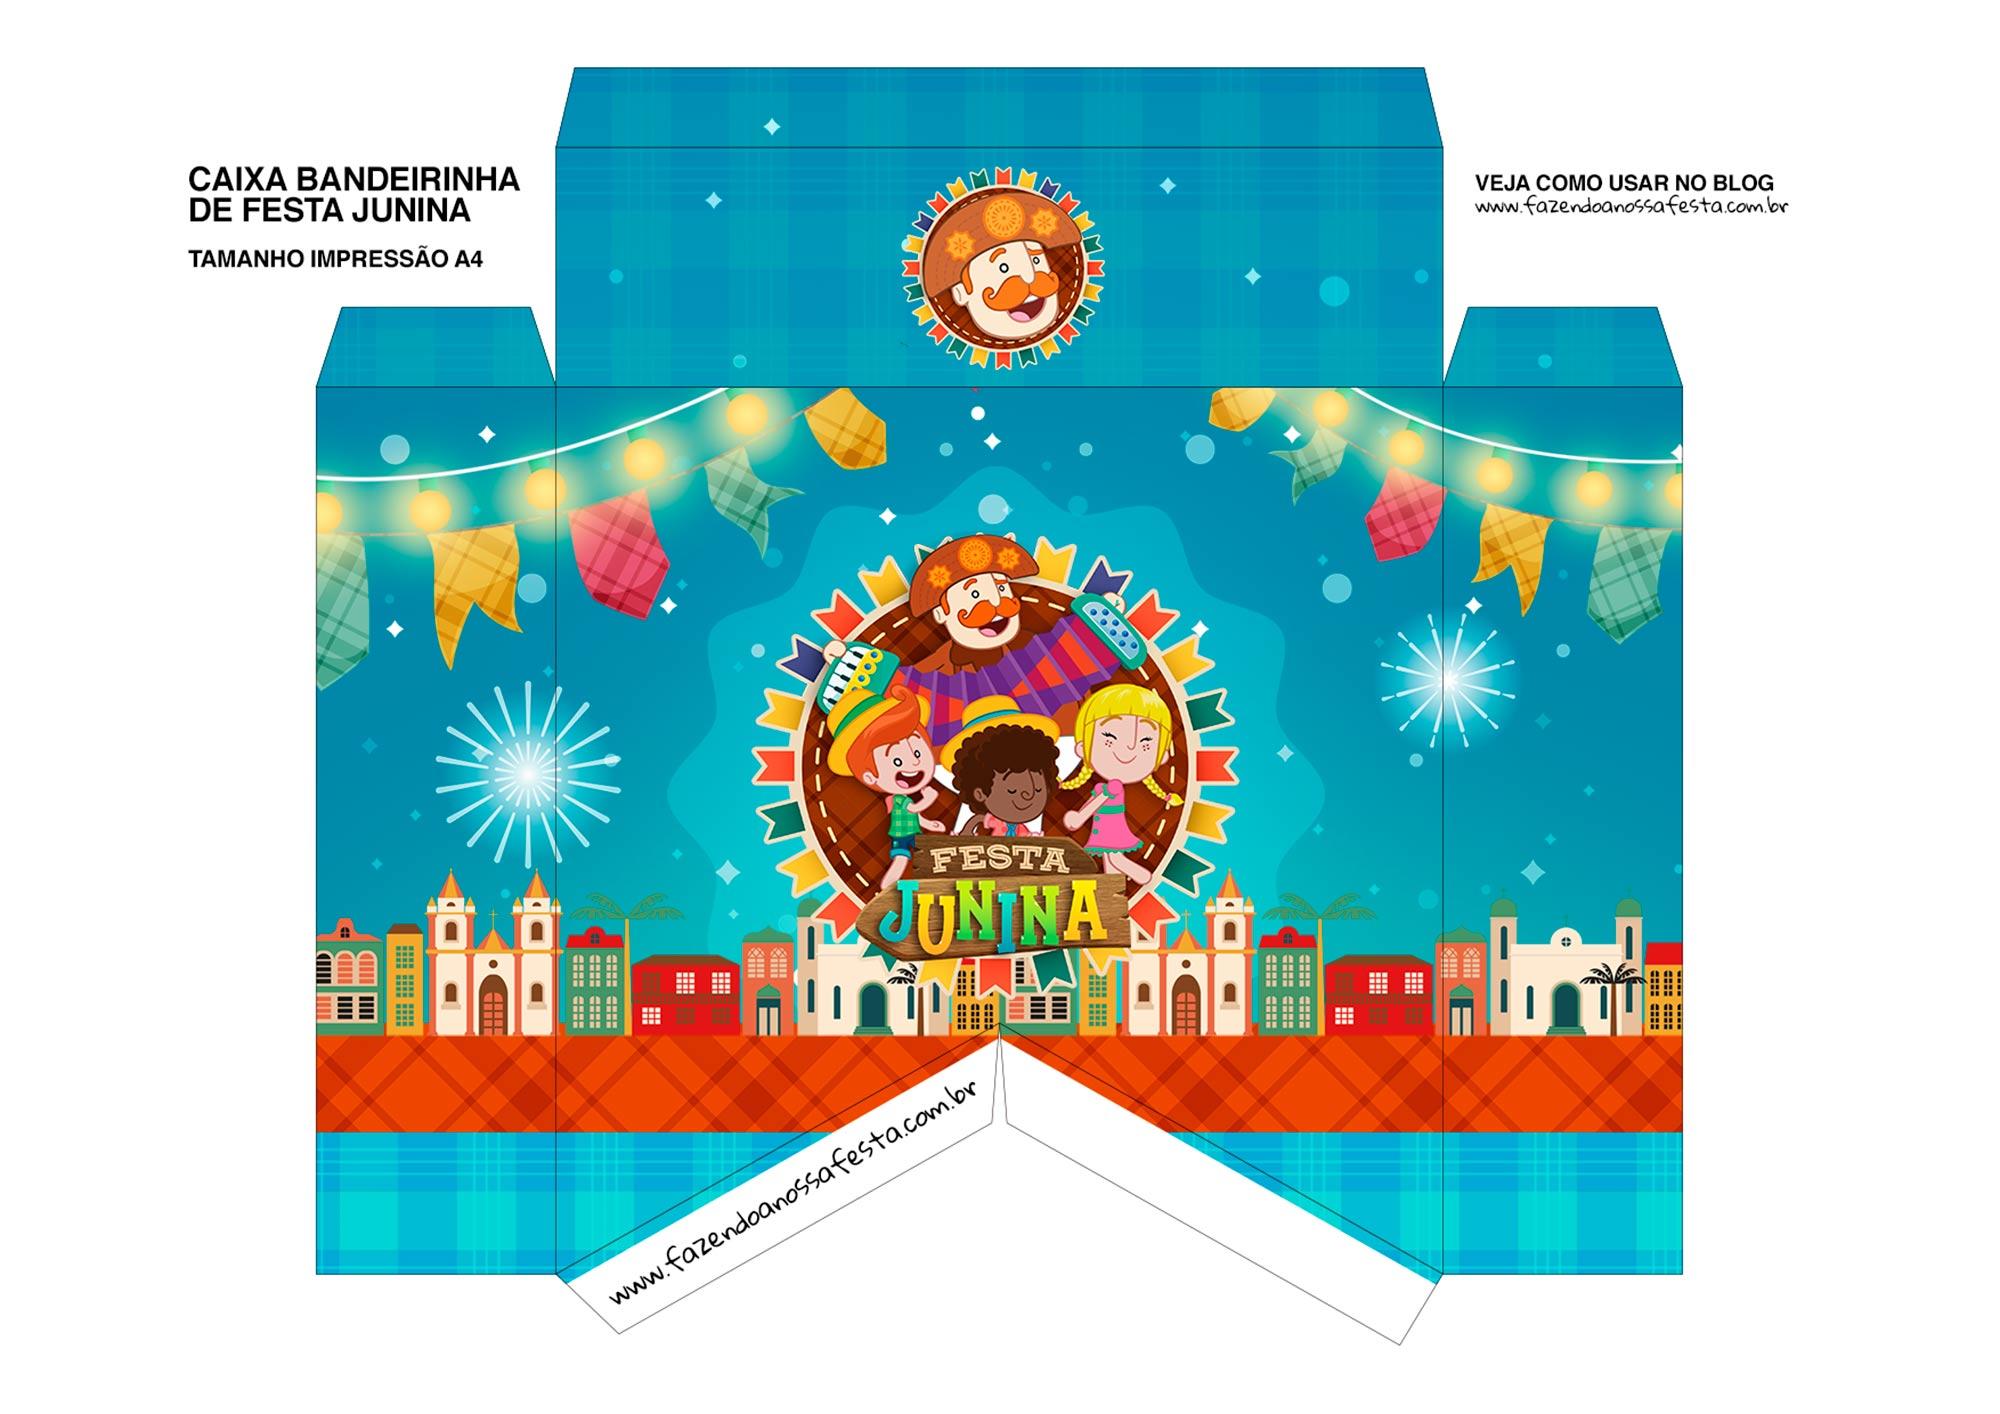 Caixa Bandeirinha Festa Junina Frente bandeirinha Kit Festa Sao Joao do Bita